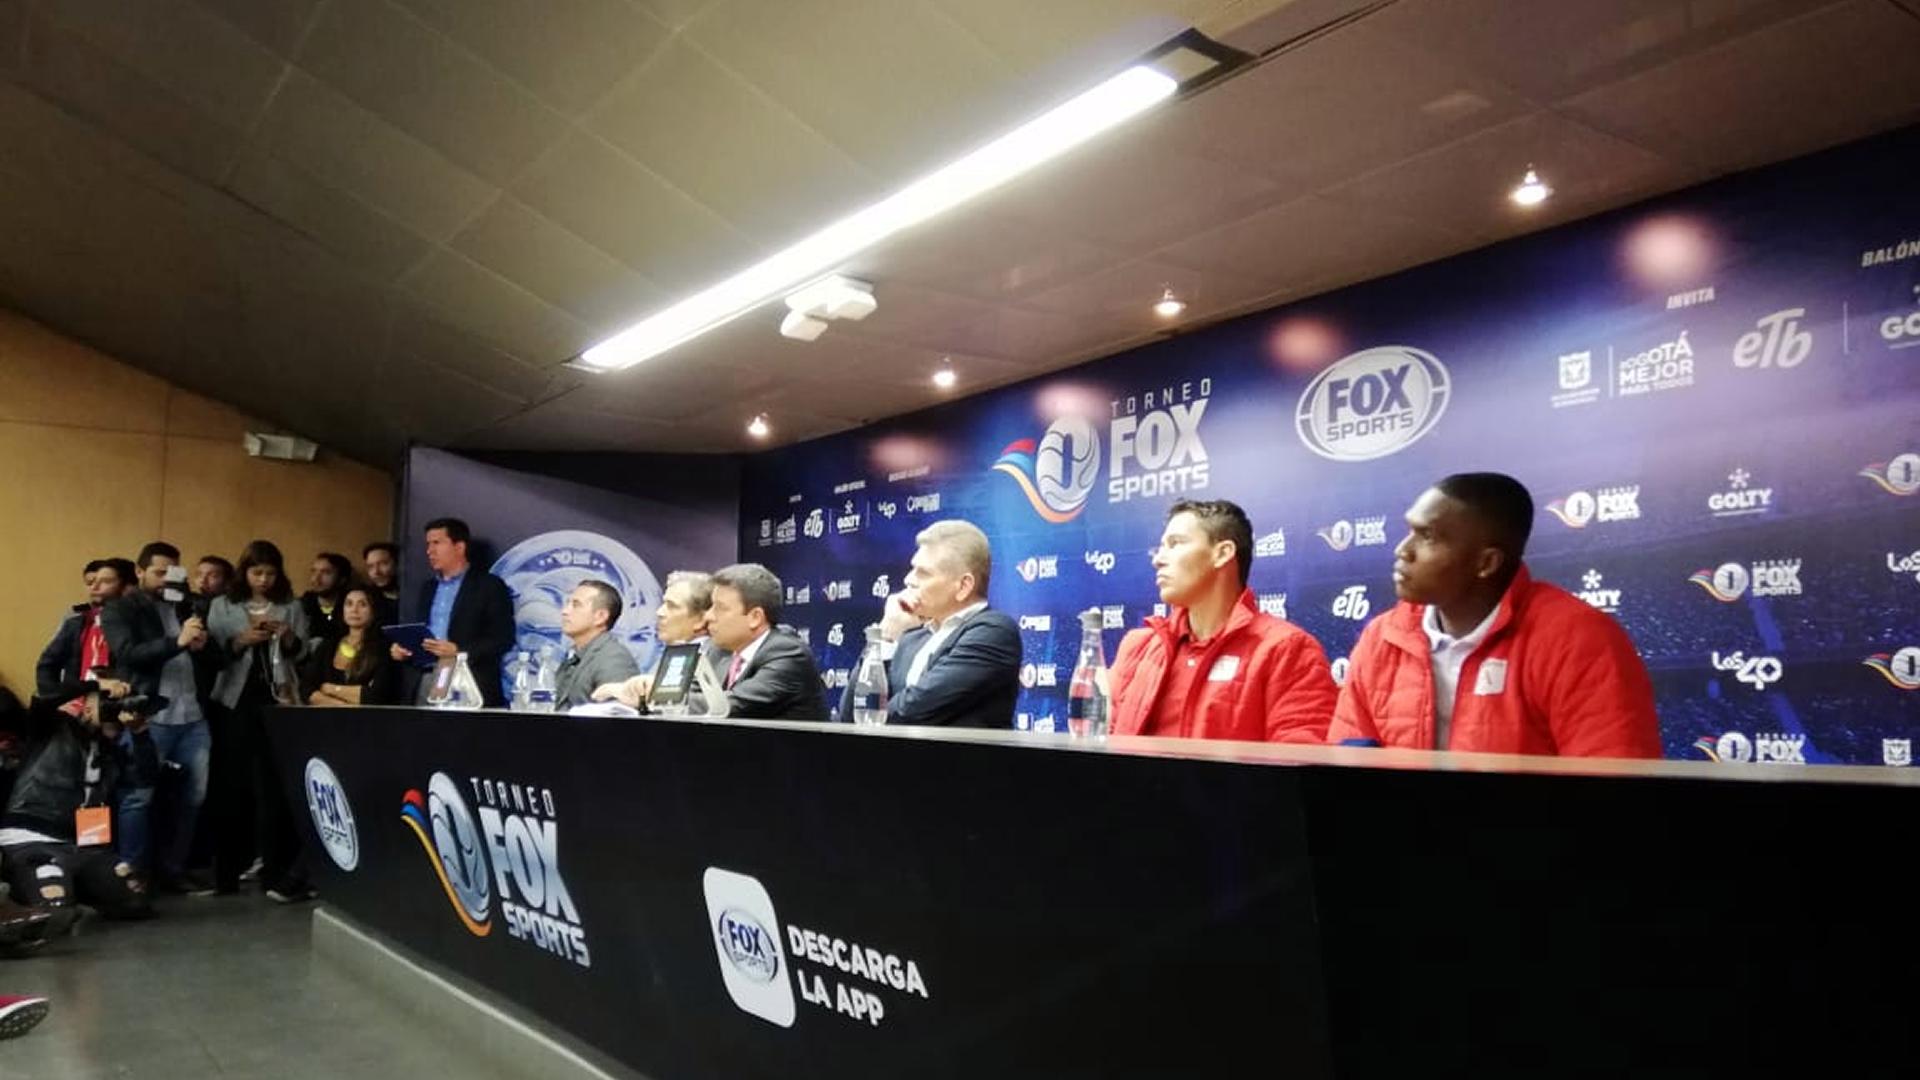 Nacional 0-1 América: gol de Juan Segovia, Torneo Fox Sports 2019